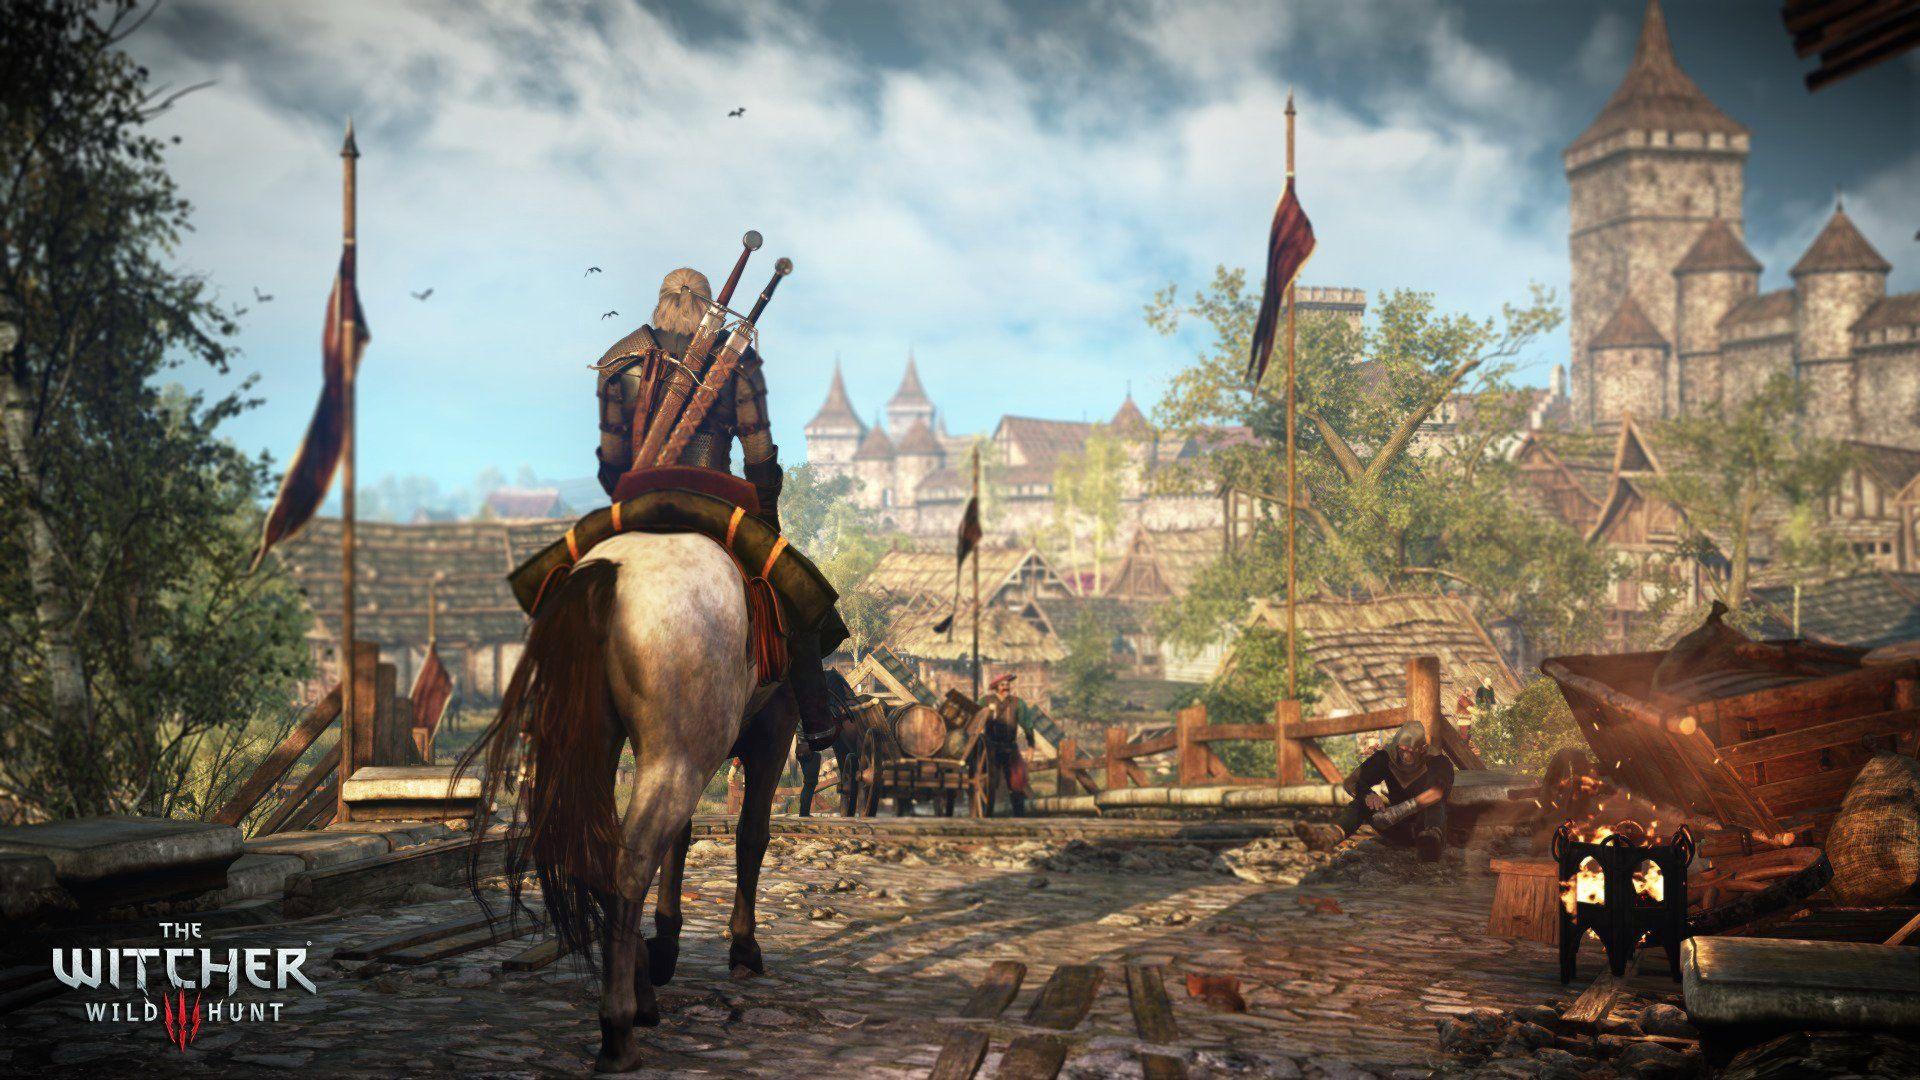 Jeux Vidéo The Witcher 3 Wild Hunt Witcher Hunt Fond D